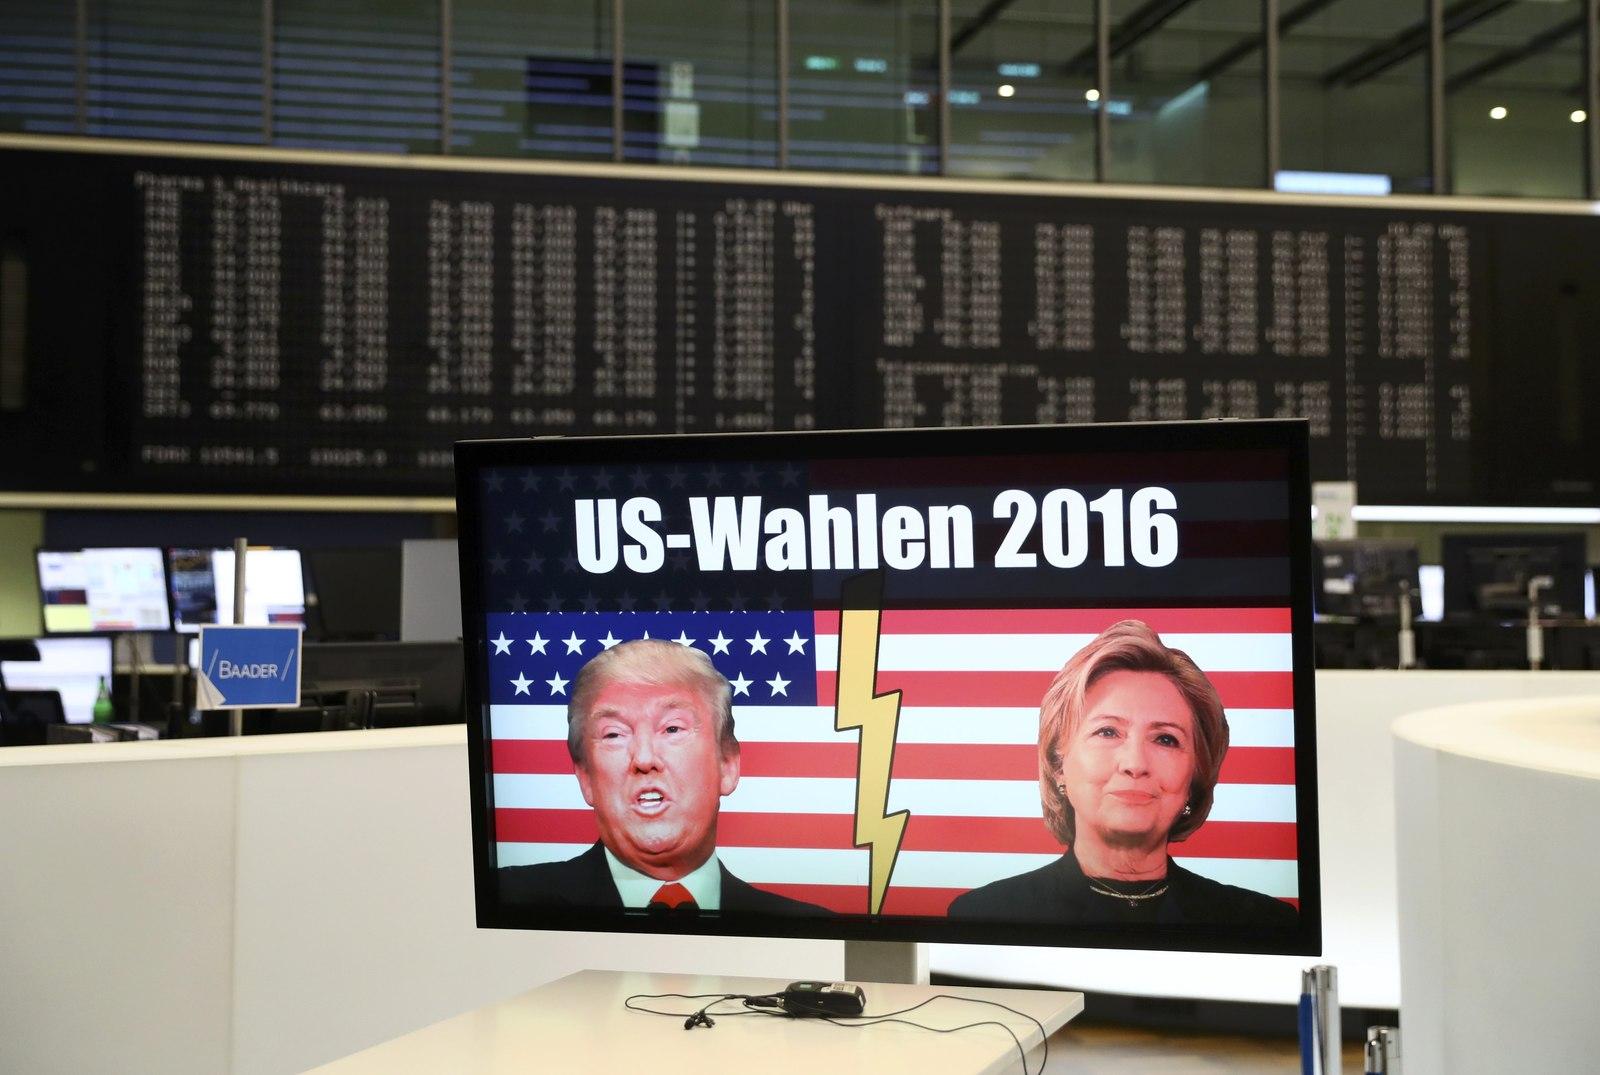 在德國法蘭克福股票交易所,有電視屏幕顯示,美國大選結果公布後。股市隨即下跌。圖片來源:路透社